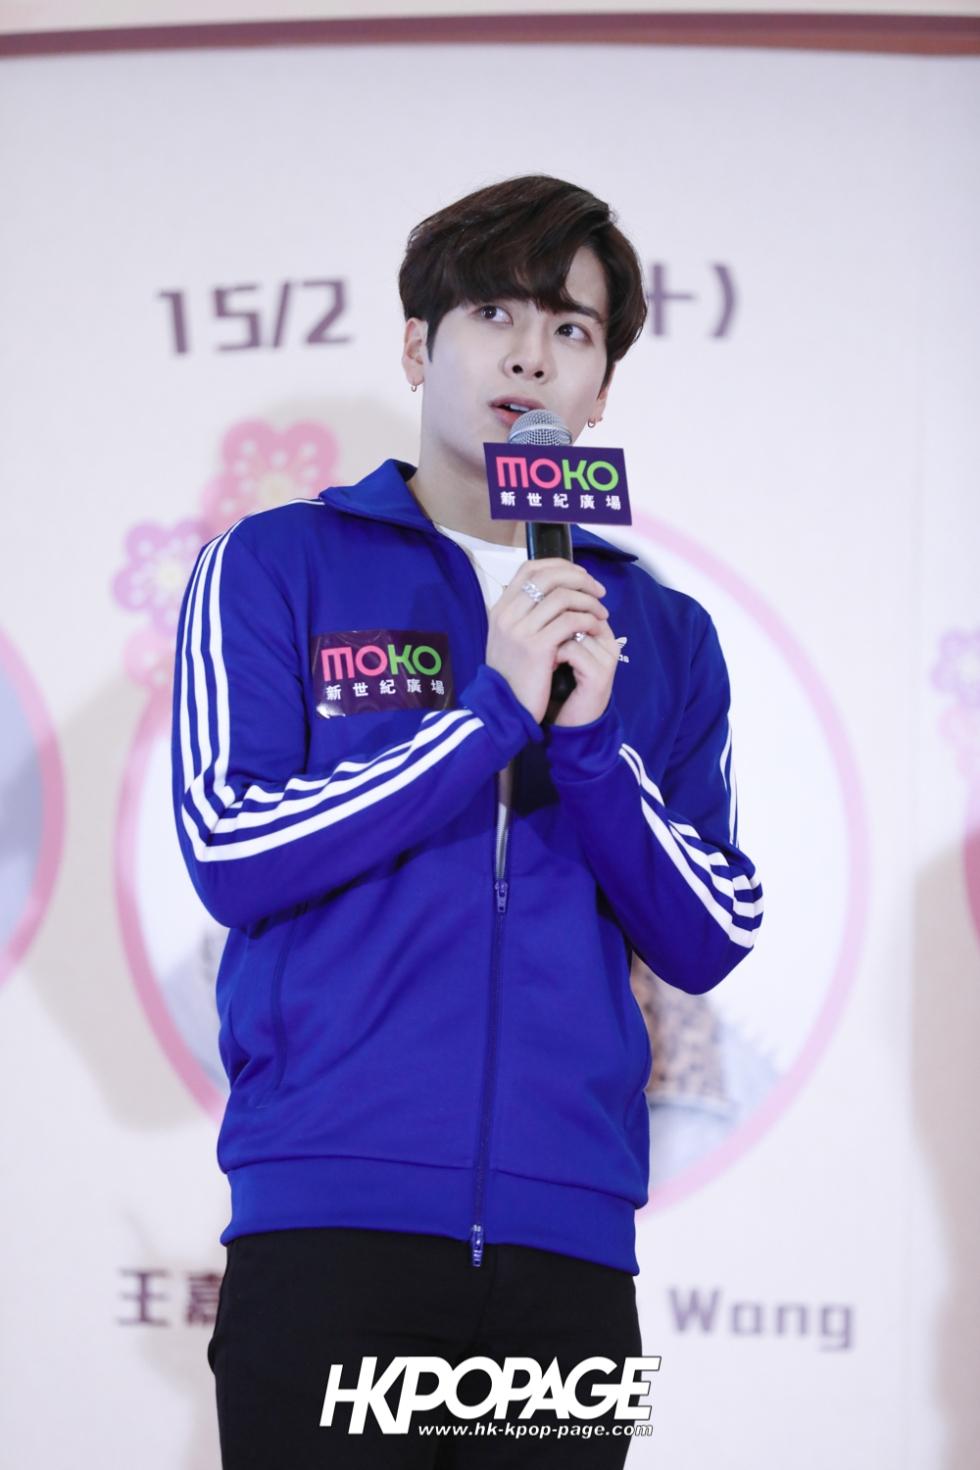 [HK.KPOP.PAGE] 180215_Jackson Wang MOKO Countdown Event_04